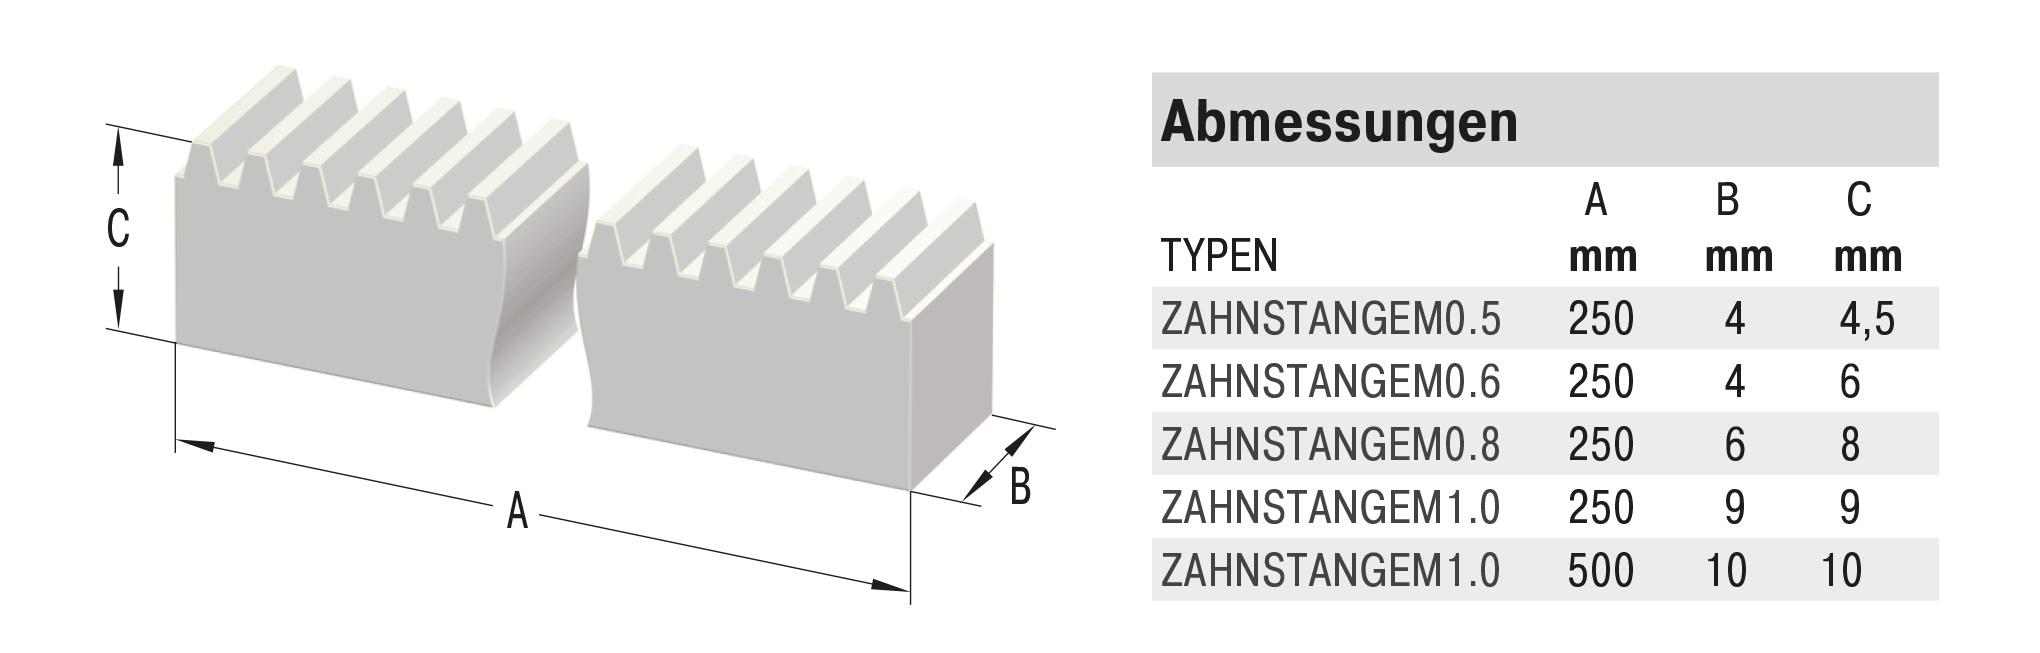 ZAHNSTANGEM1.0